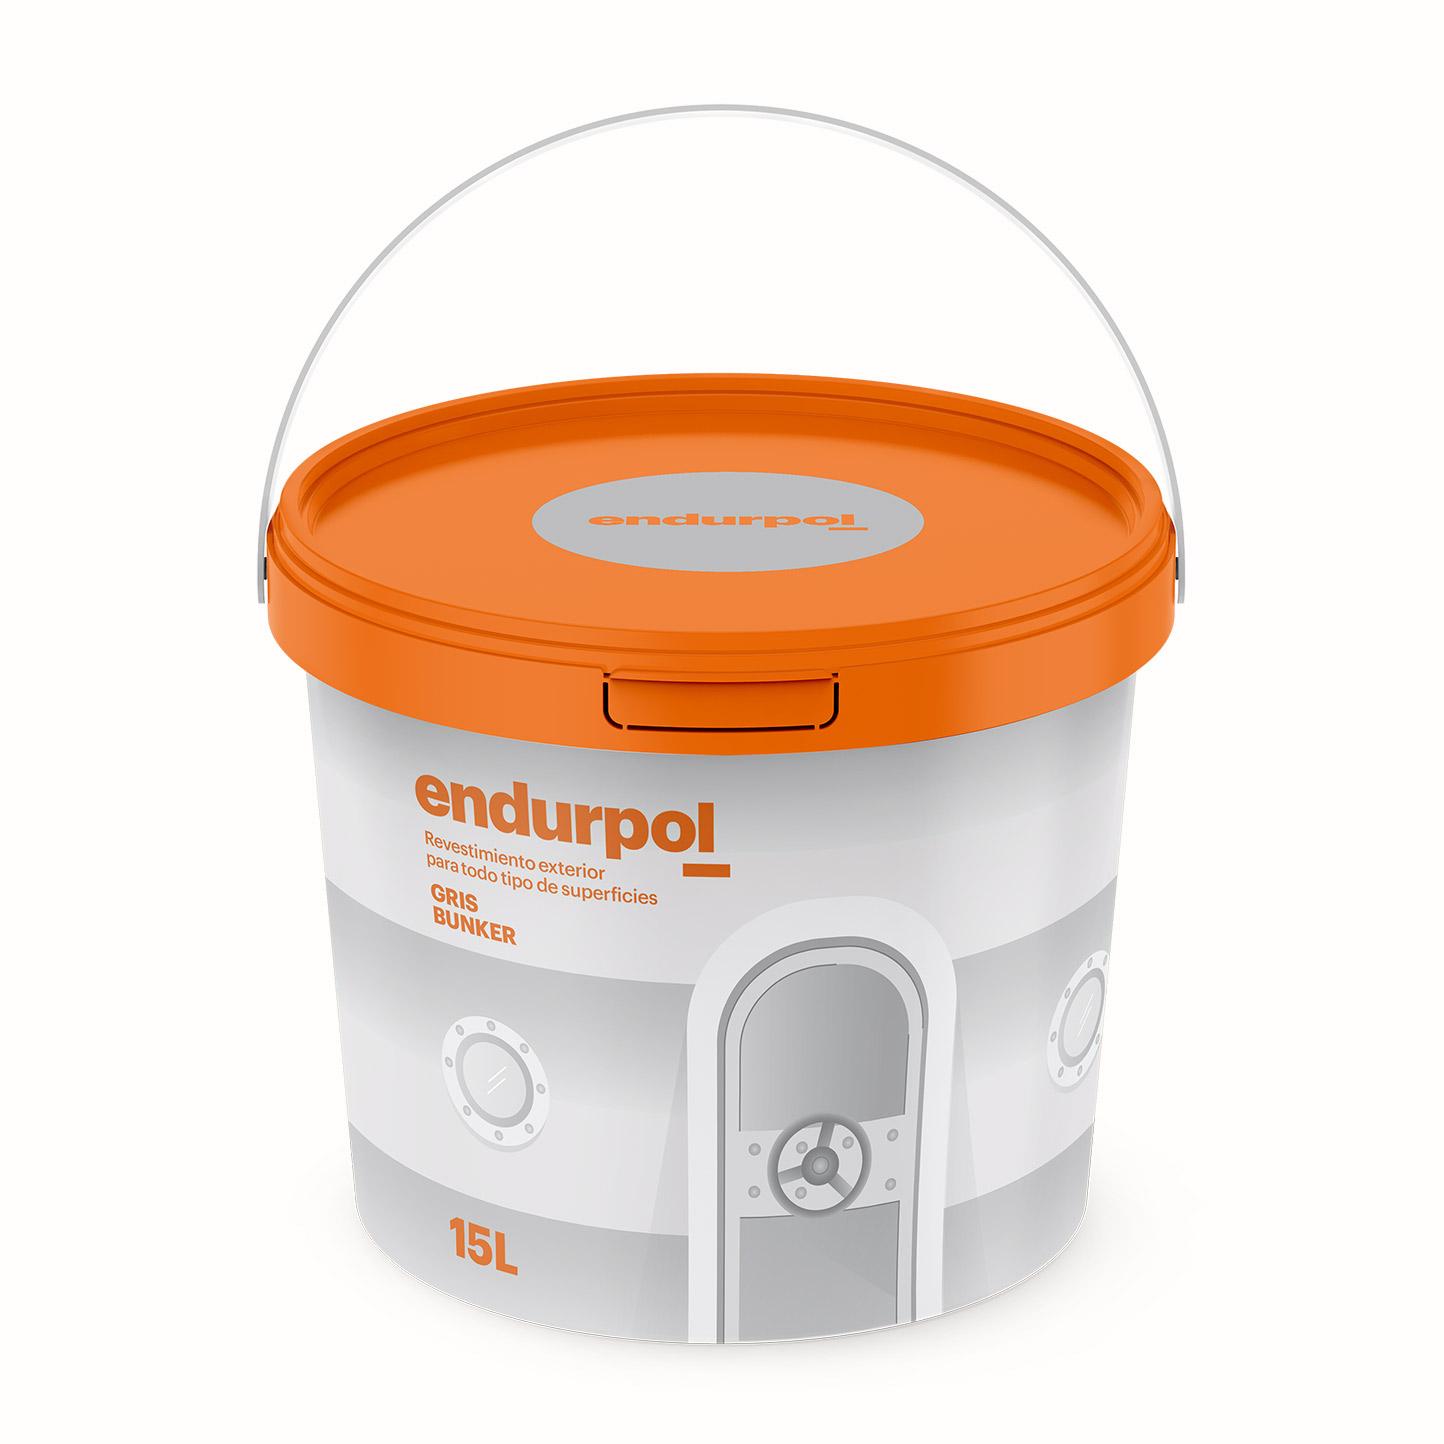 marinagoni-endurpol-packaging